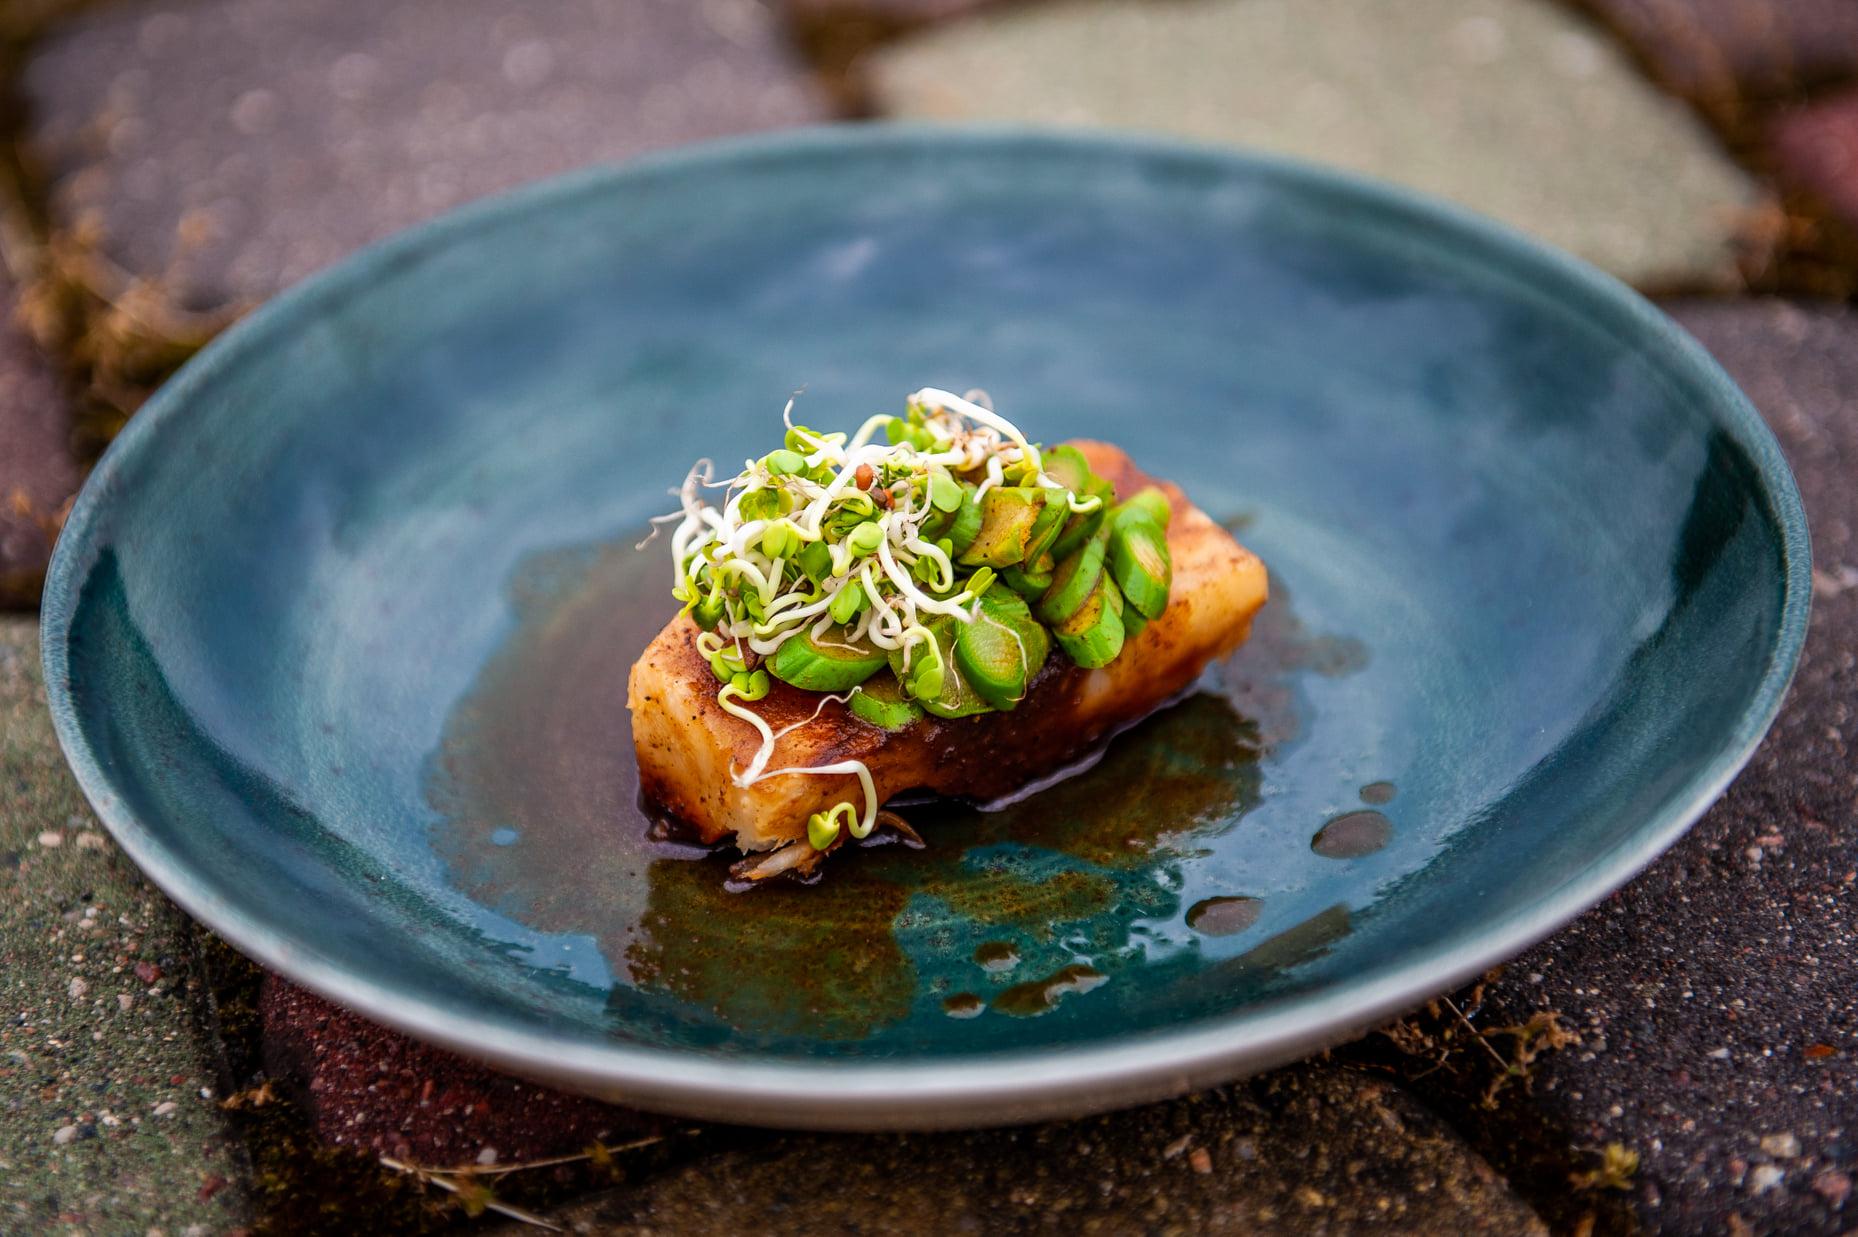 Salierų šaknies patiekalas su smidrais, daigais, daržovių demi glace padažu